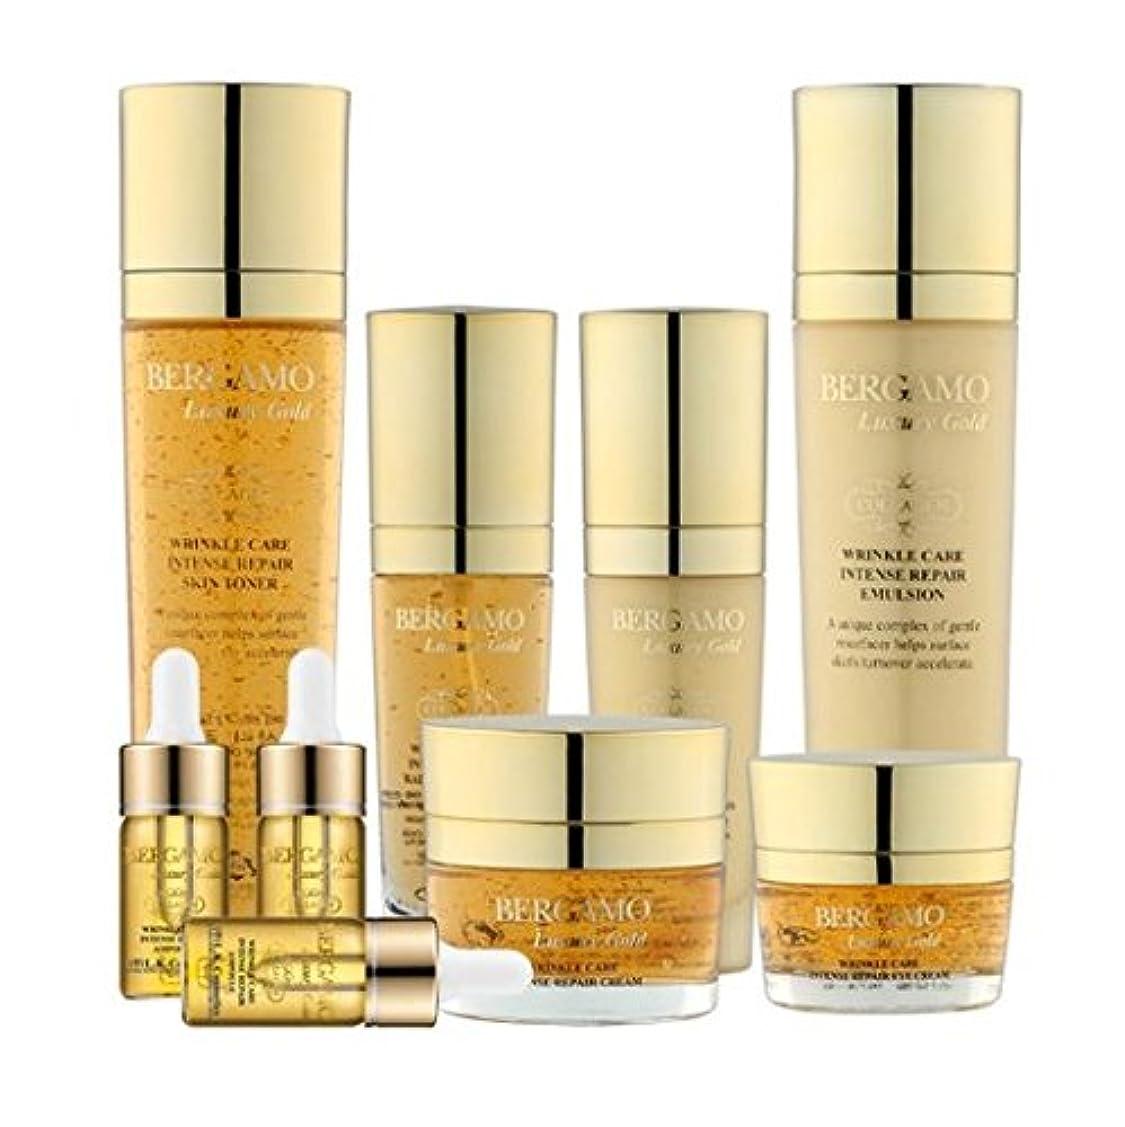 肺炎地区アーティキュレーションベルガモ[韓国コスメBergamo]Luxury Gold Collagen Set ラグジュアリーゴールドコラーゲン9セット,ギフトセット,トナー,エマルジョン,エッセンス、アイクリーム、クリーム、アンプル [並行輸入品]